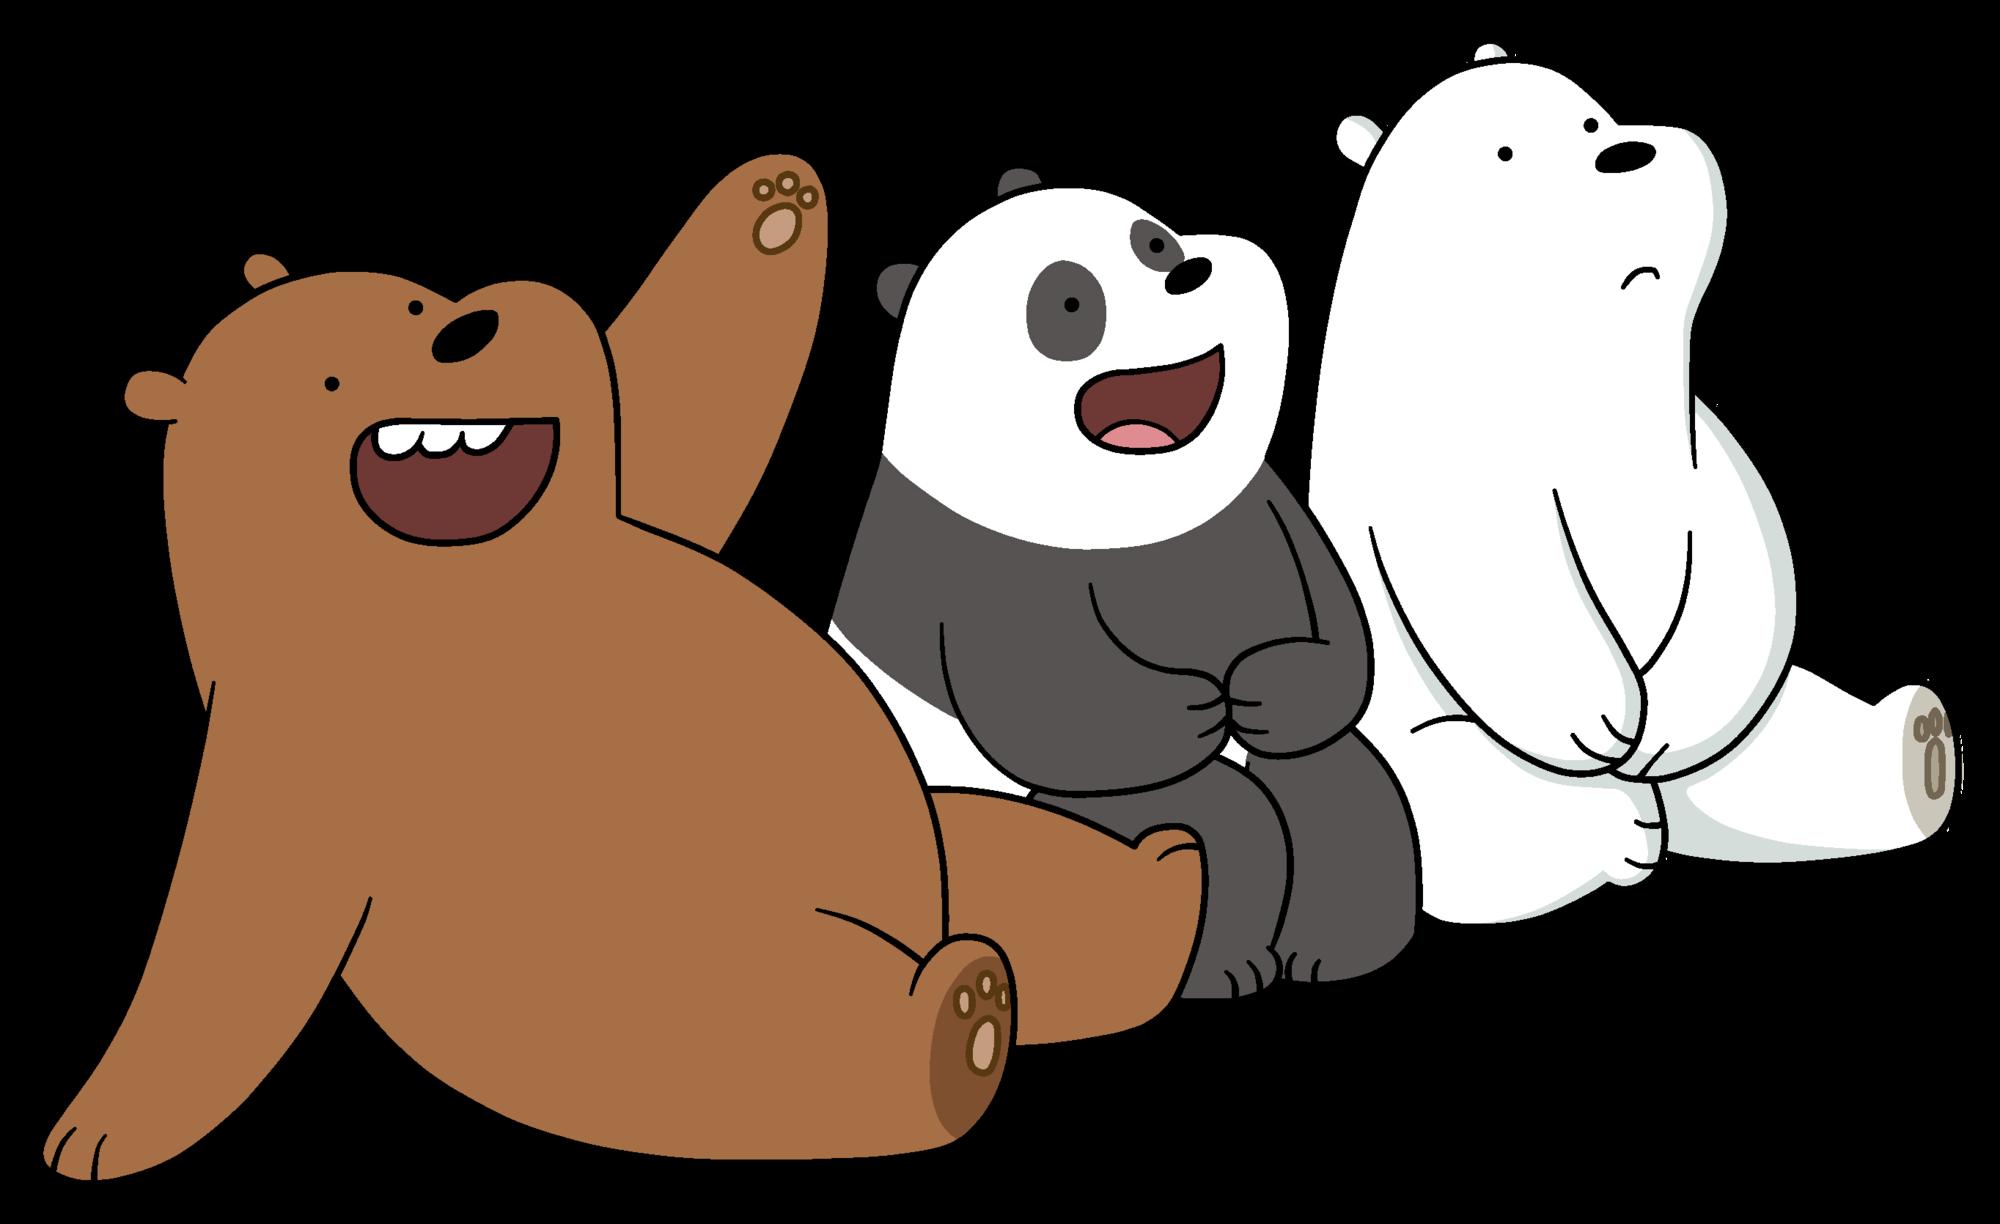 картинки из вся правда о медведях все все персонажи безродная